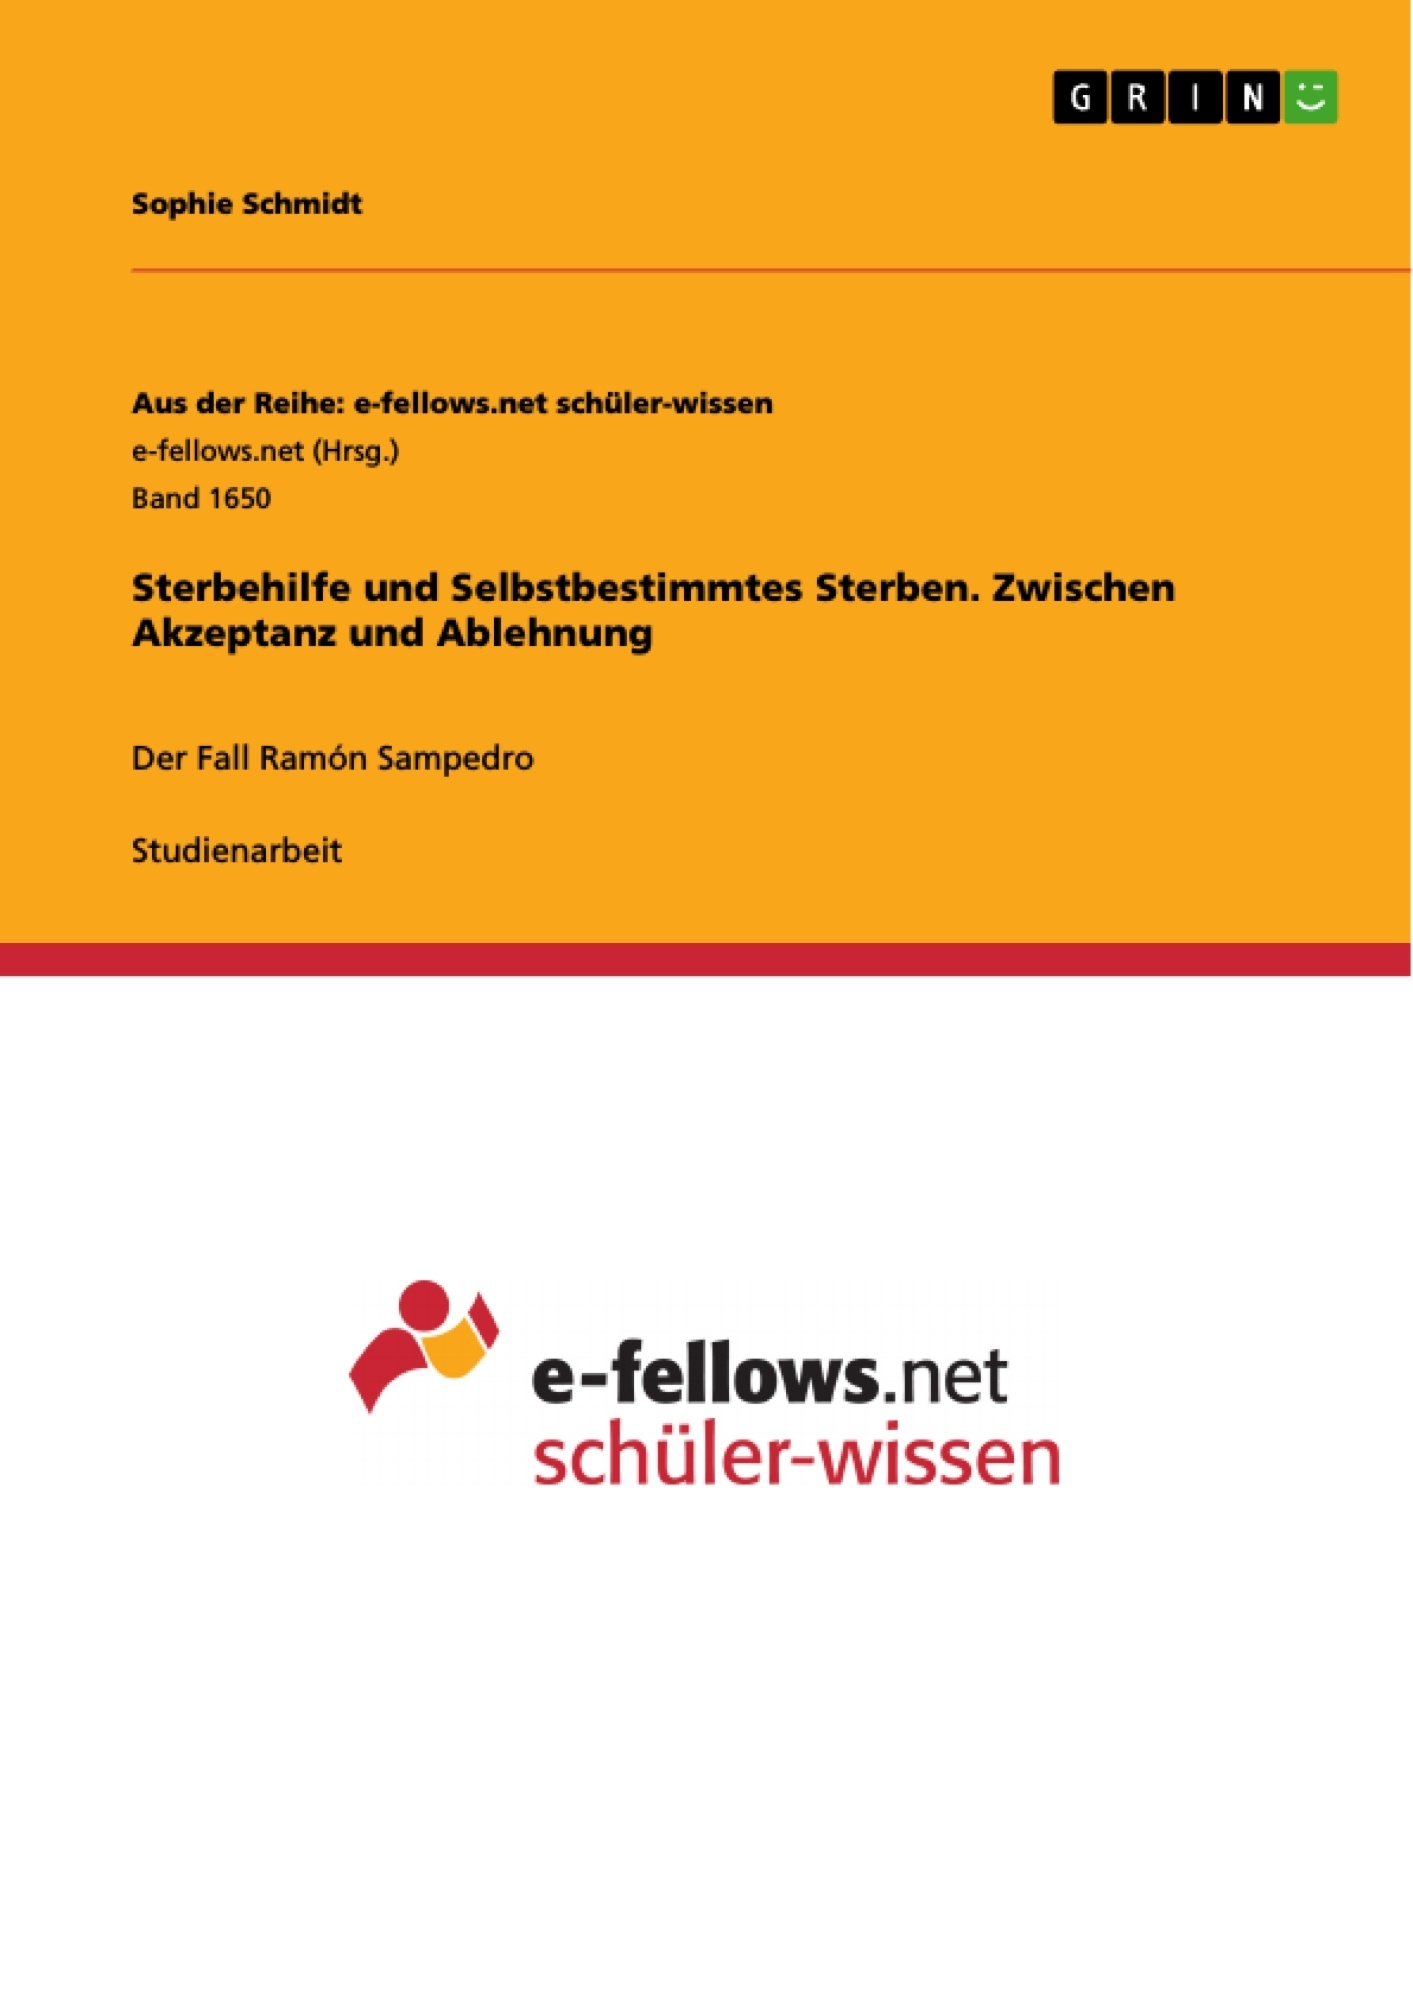 Titel: Sterbehilfe und Selbstbestimmtes Sterben. Zwischen Akzeptanz und Ablehnung